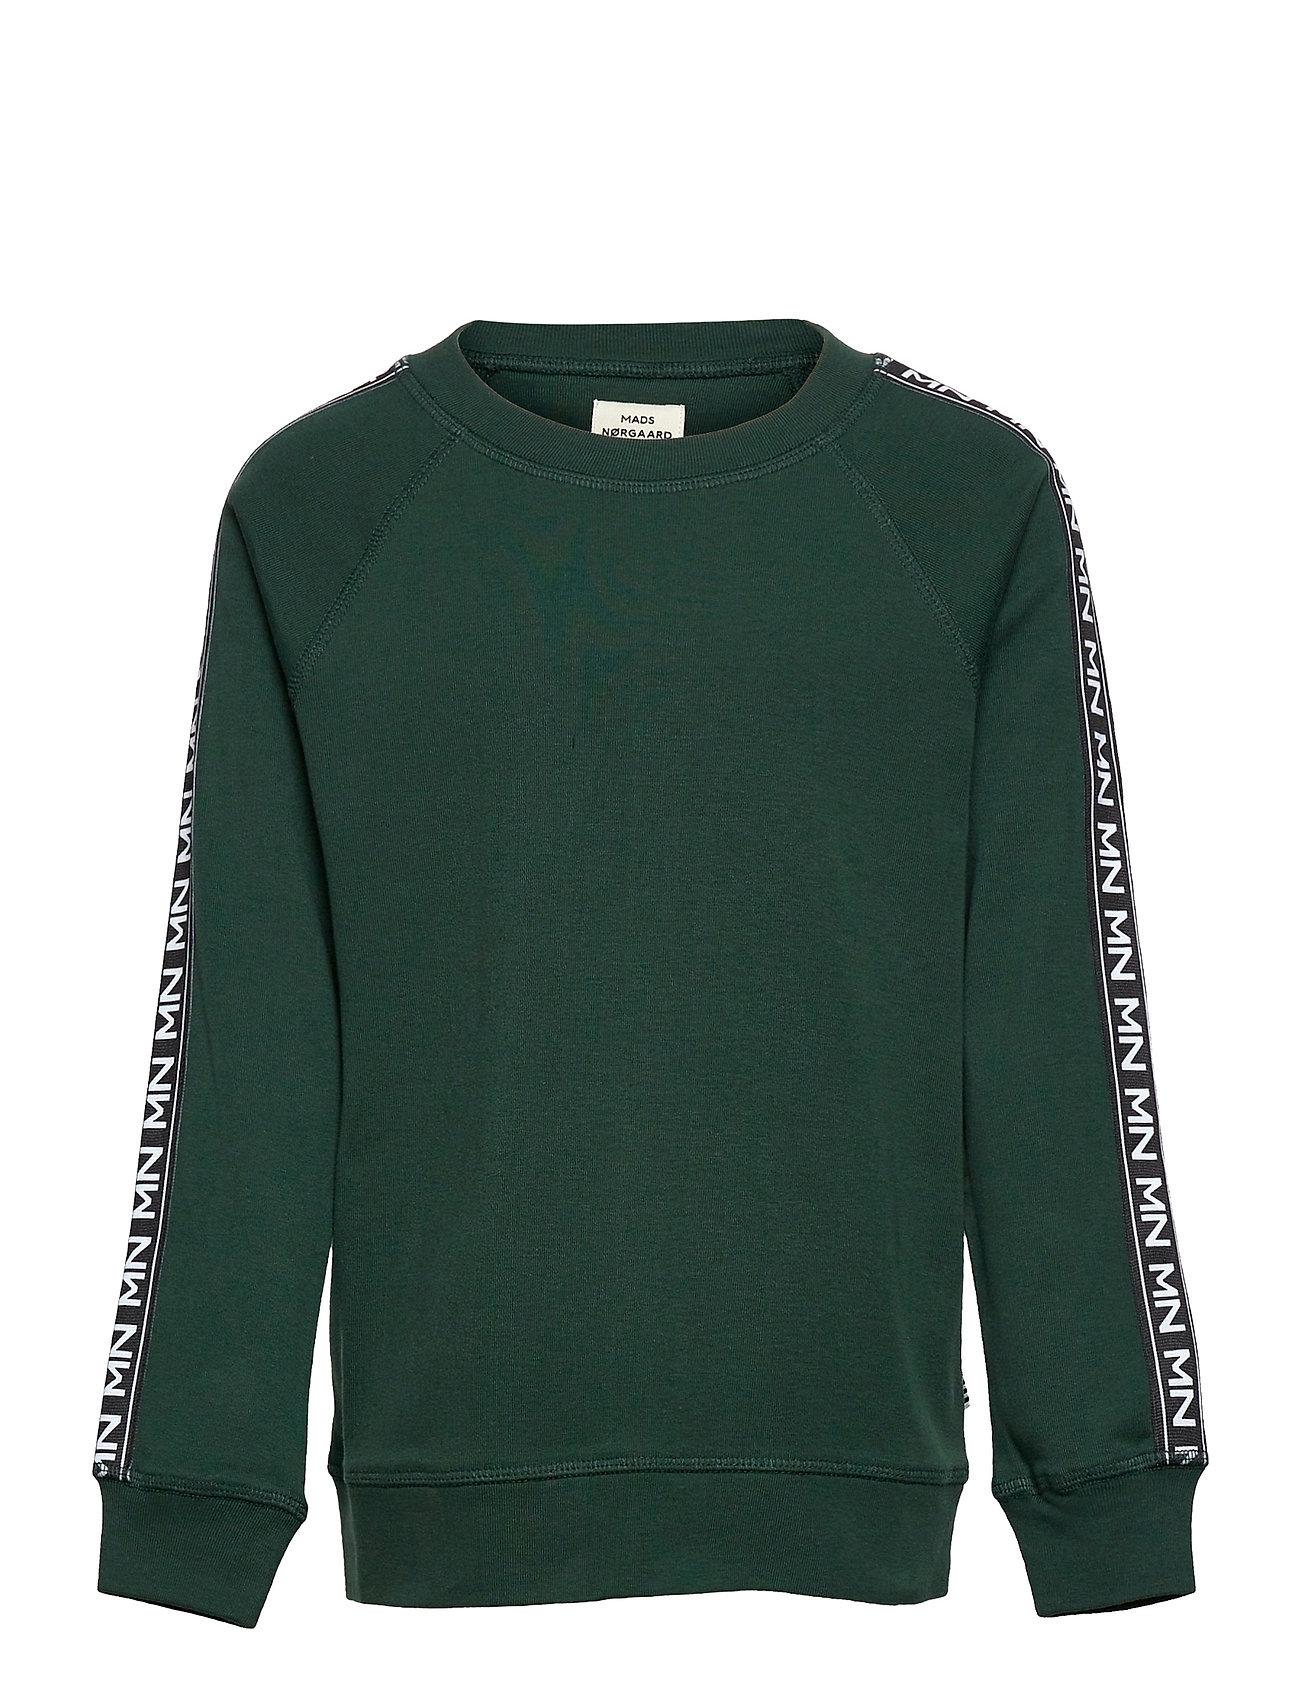 Cotton Rib Steltino Tape Sweatshirt Trøje Grøn Mads Nørgaard